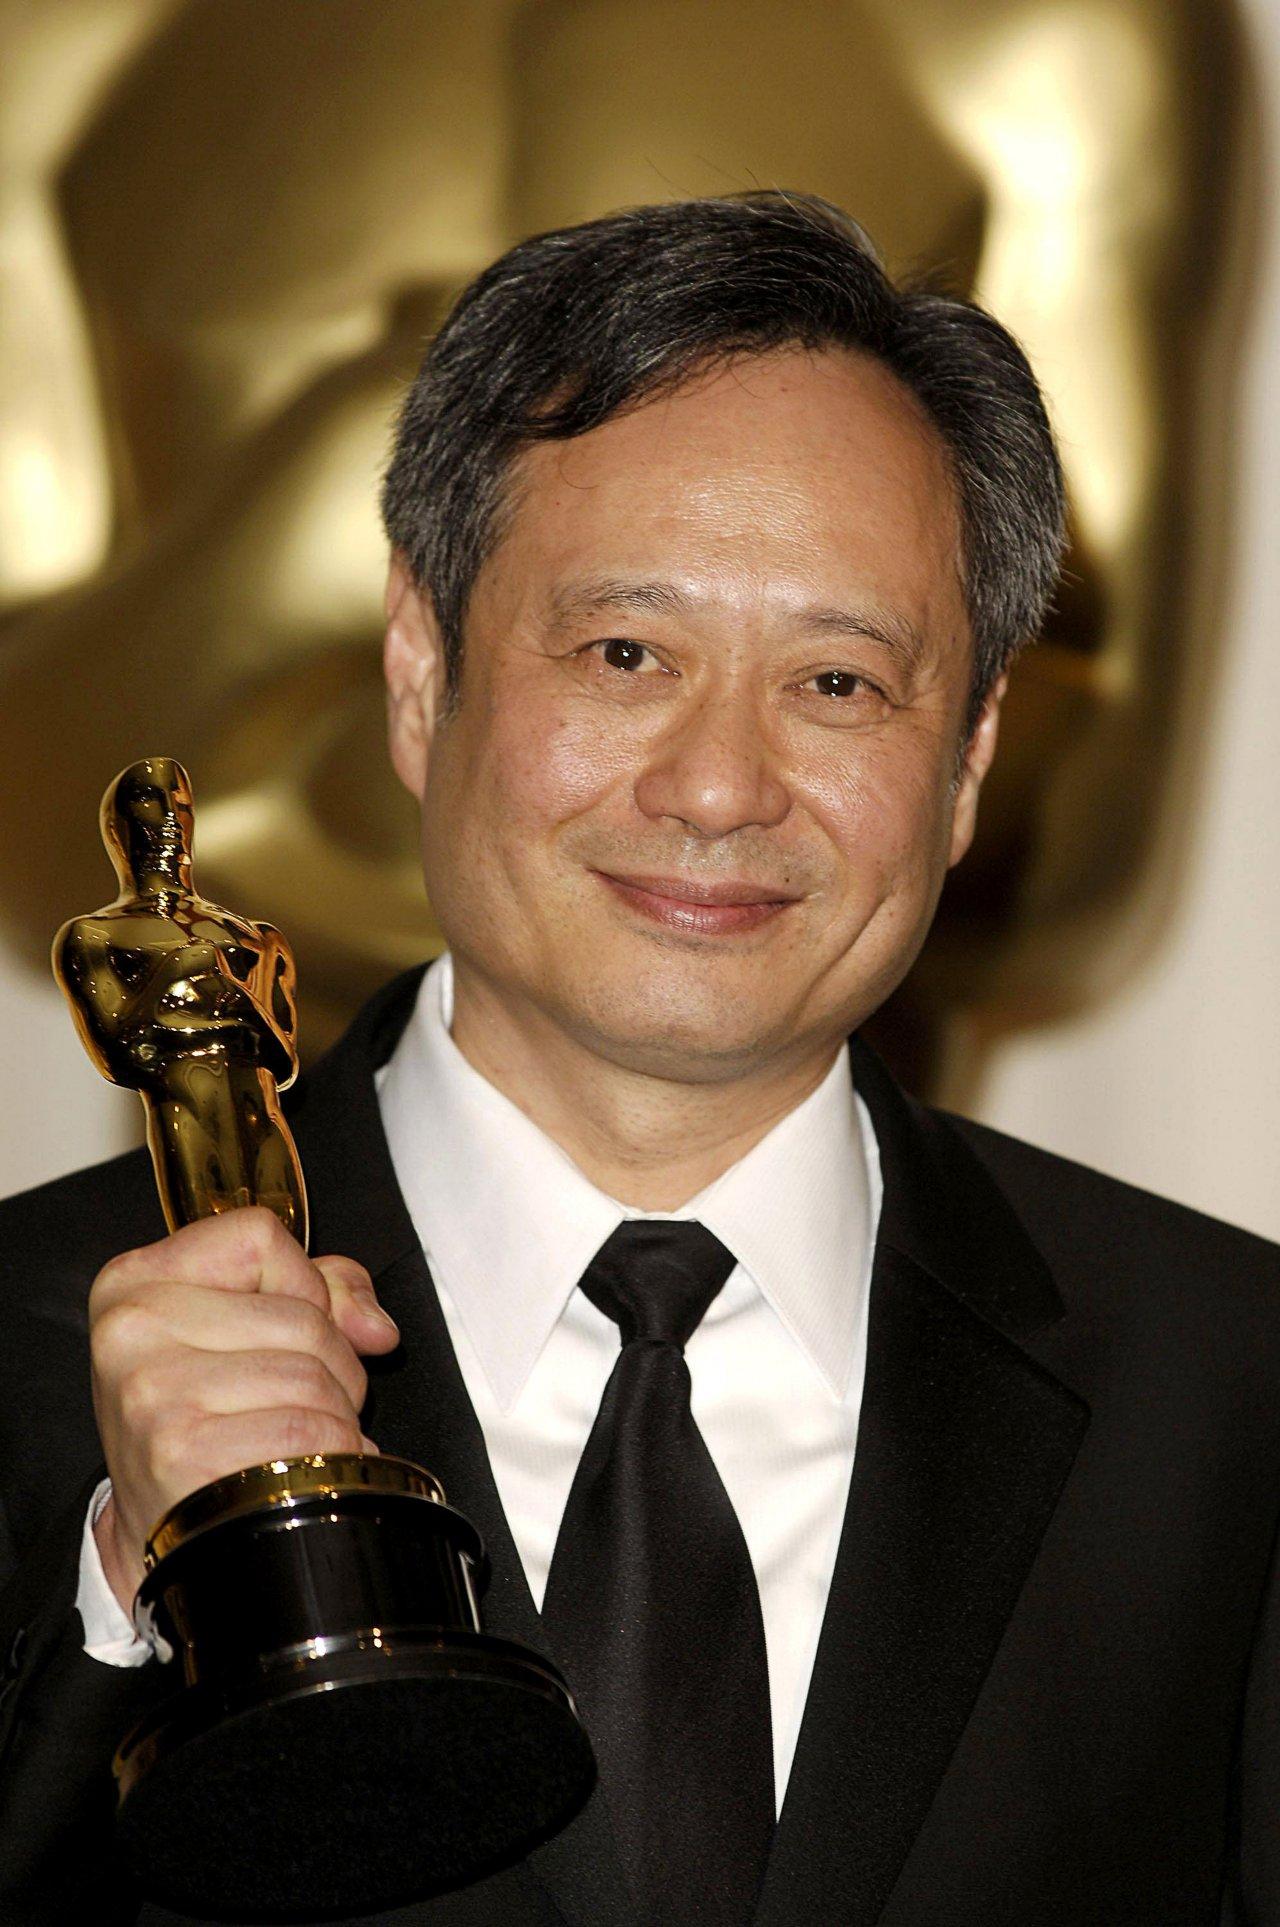 anche Ang Lee, vincitore di vari Oscar e Golden Globe, vinse un Remi Award